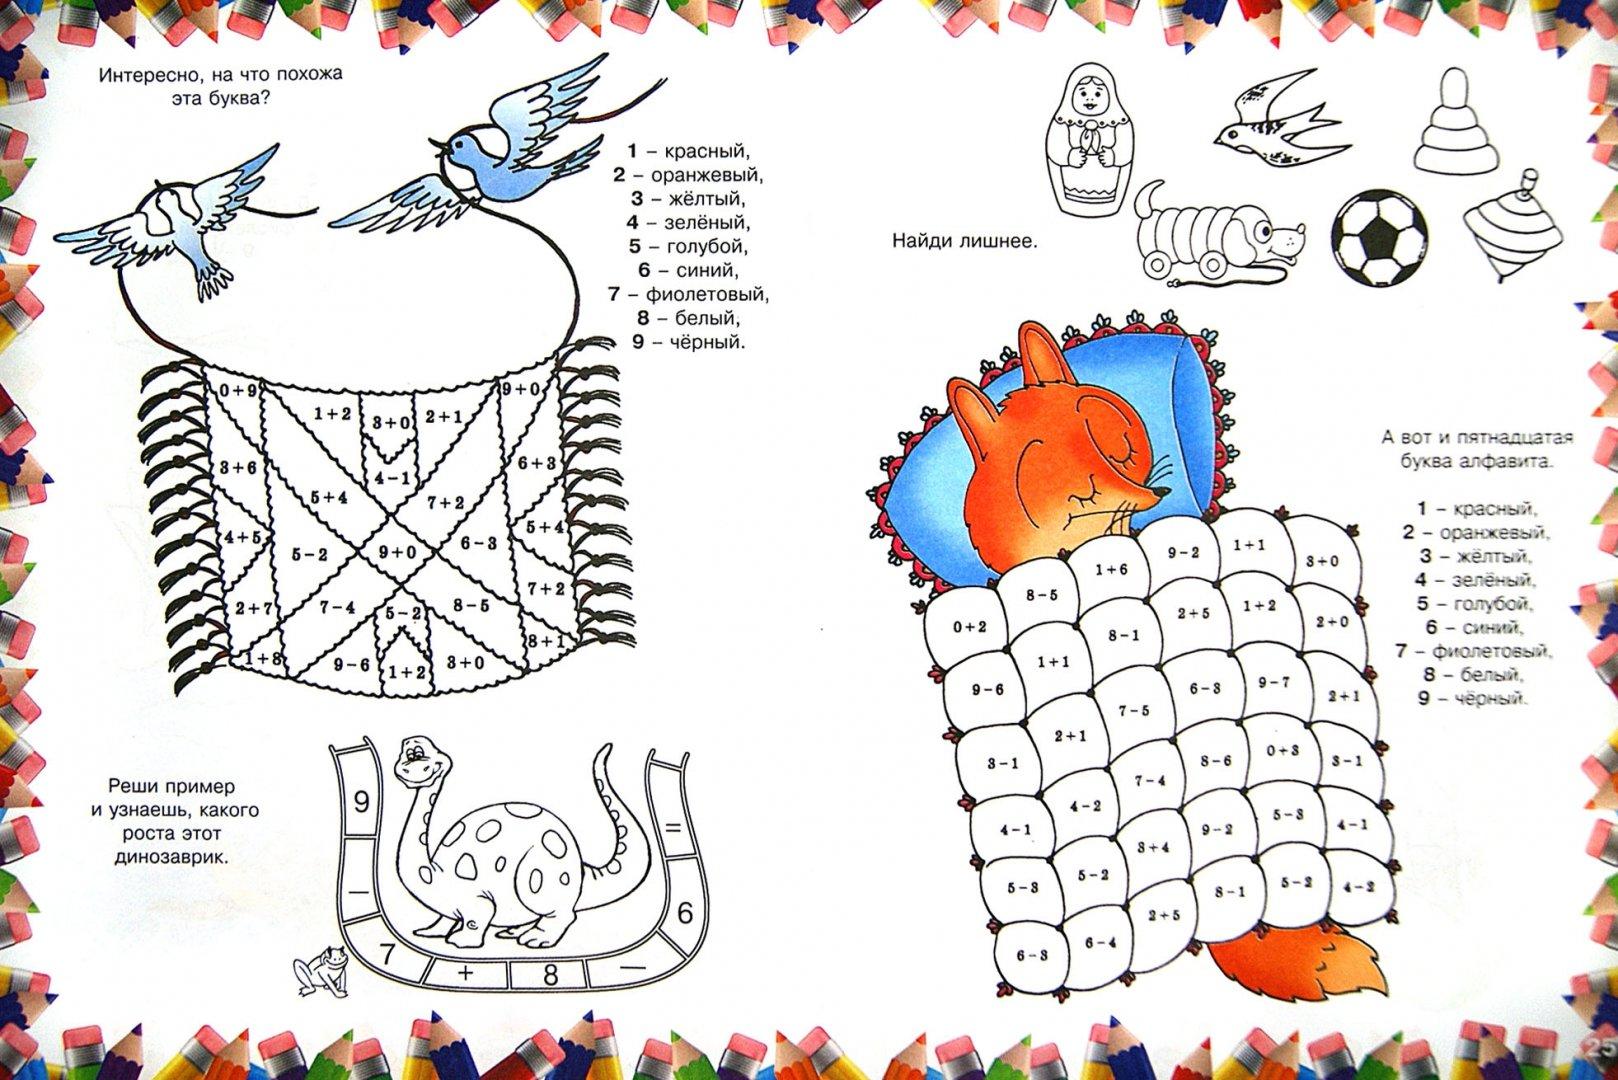 Иллюстрация 1 из 20 для Игры с карандашом   Лабиринт - книги. Источник: Лабиринт